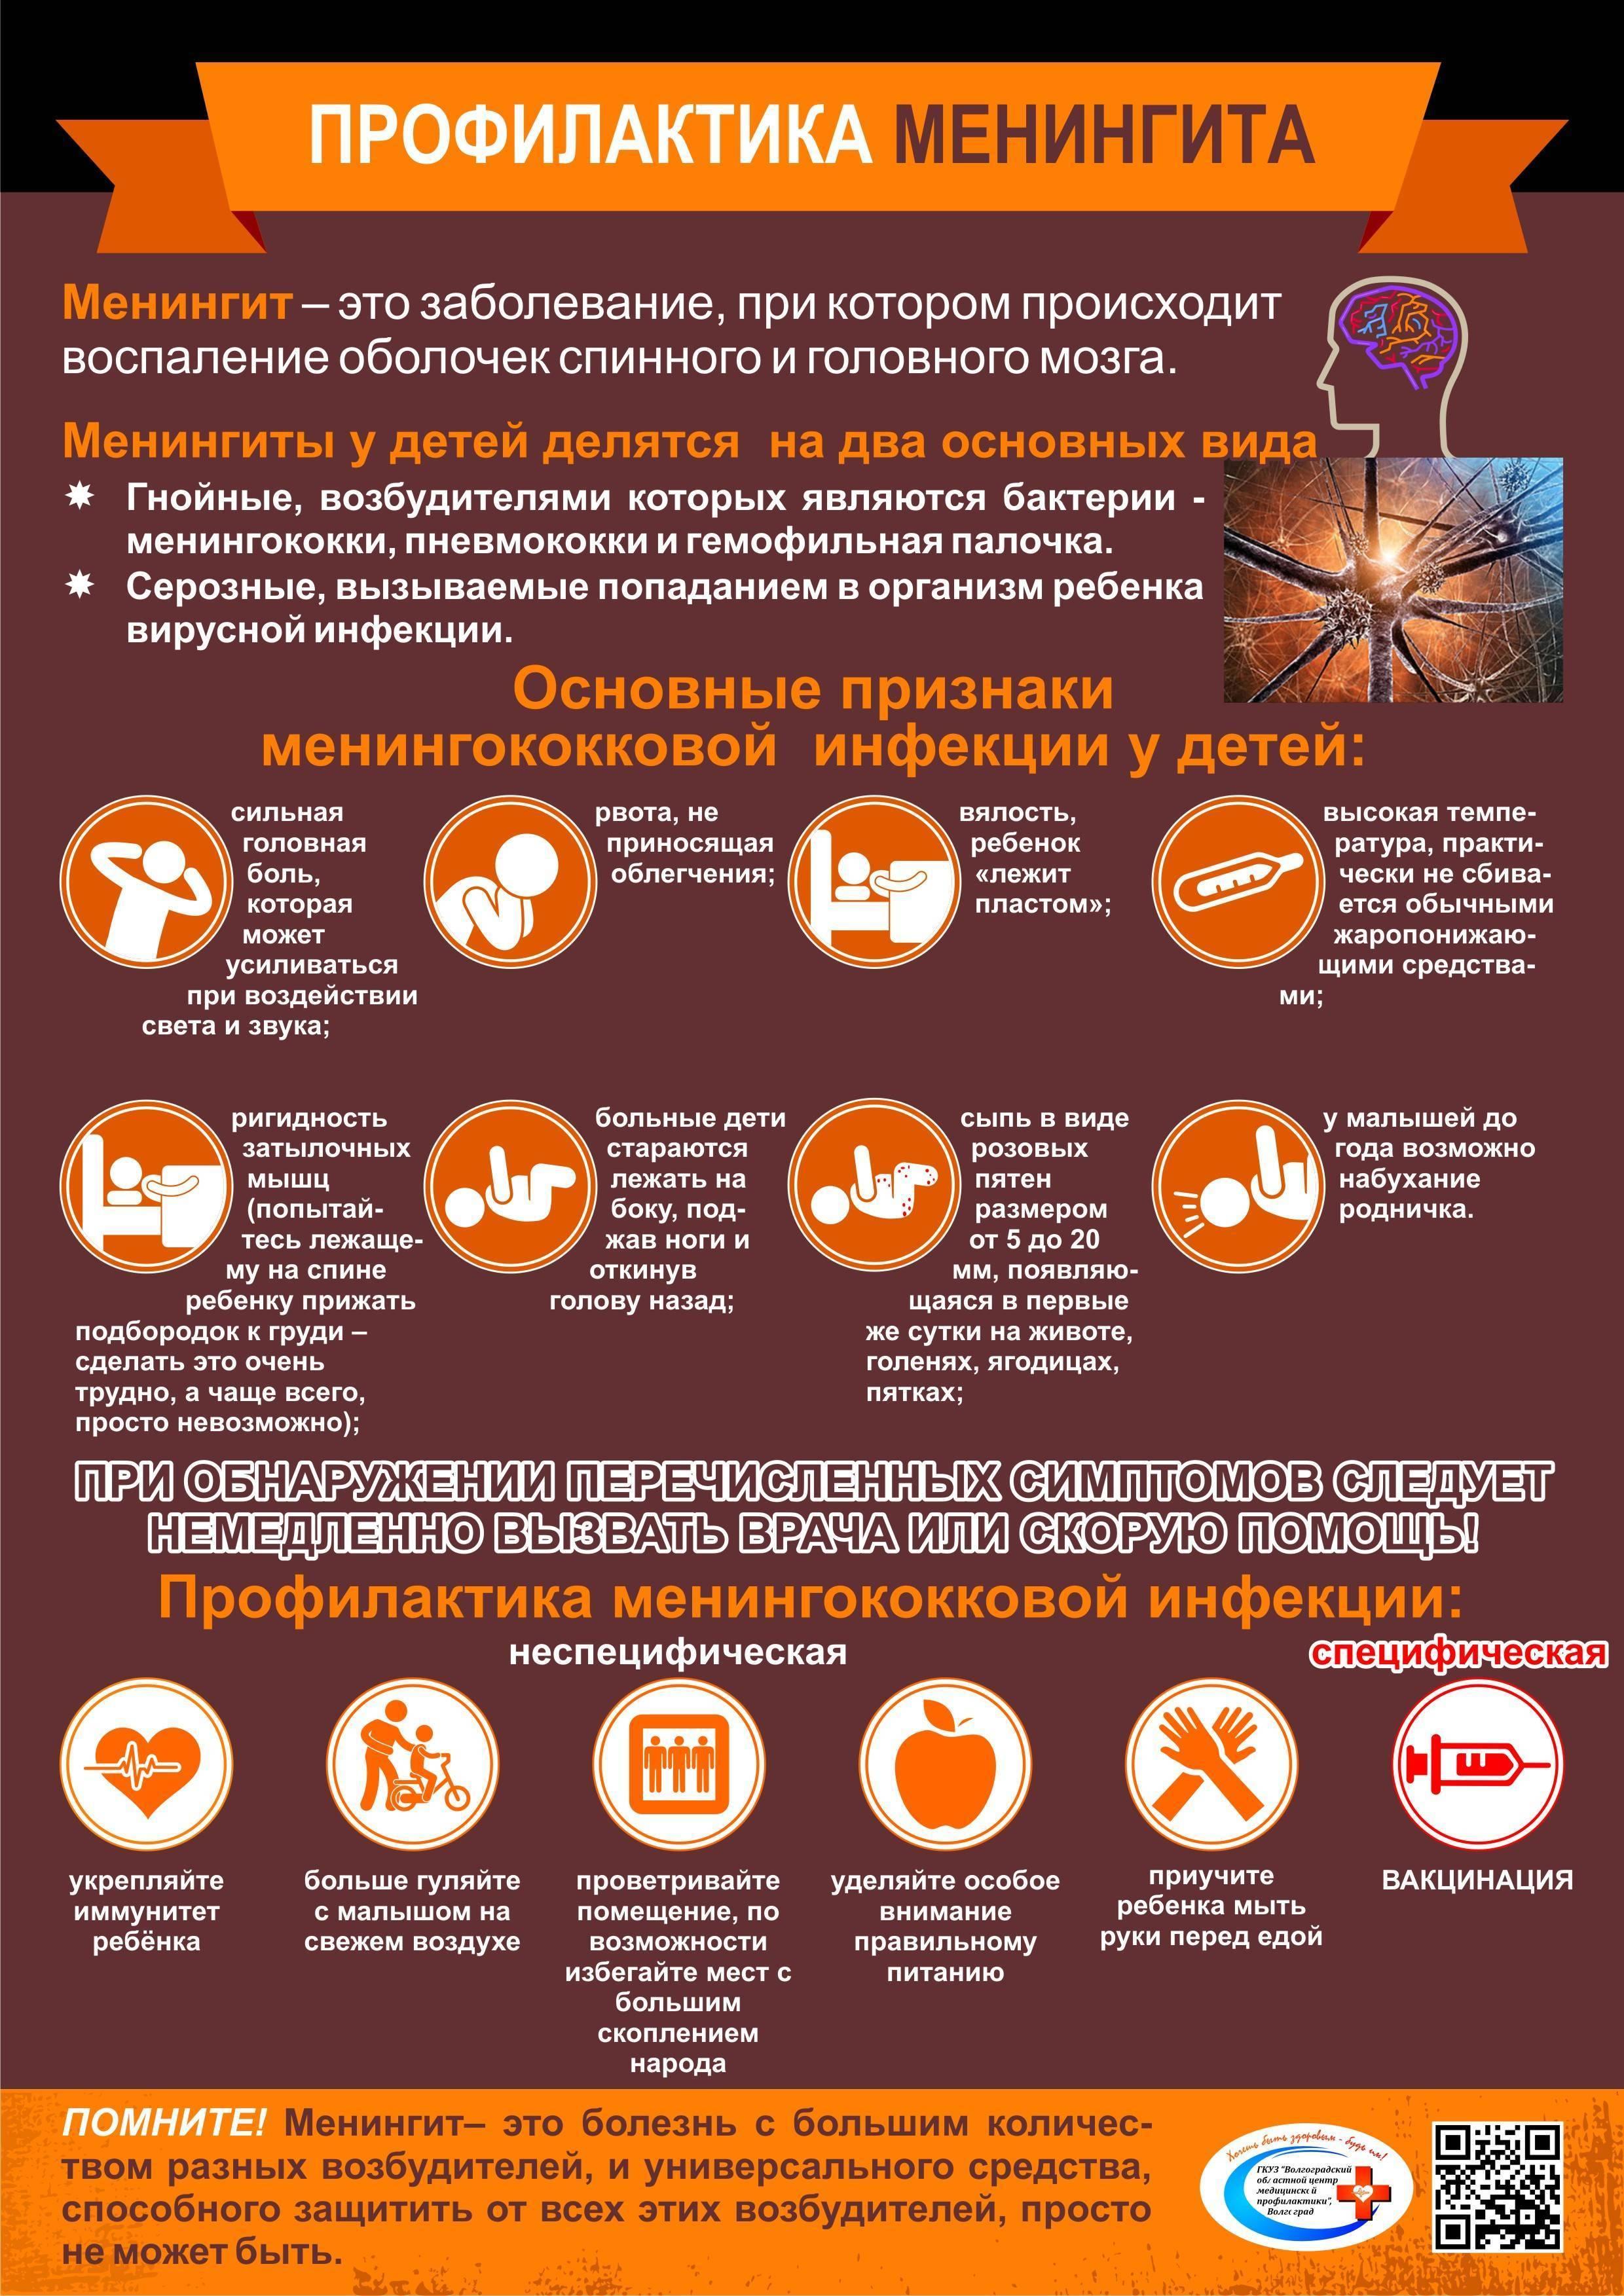 Симптомы менингита у детей: признаки вирусной инфекции с фото сыпи, лечение, последствия | заболевания | vpolozhenii.com